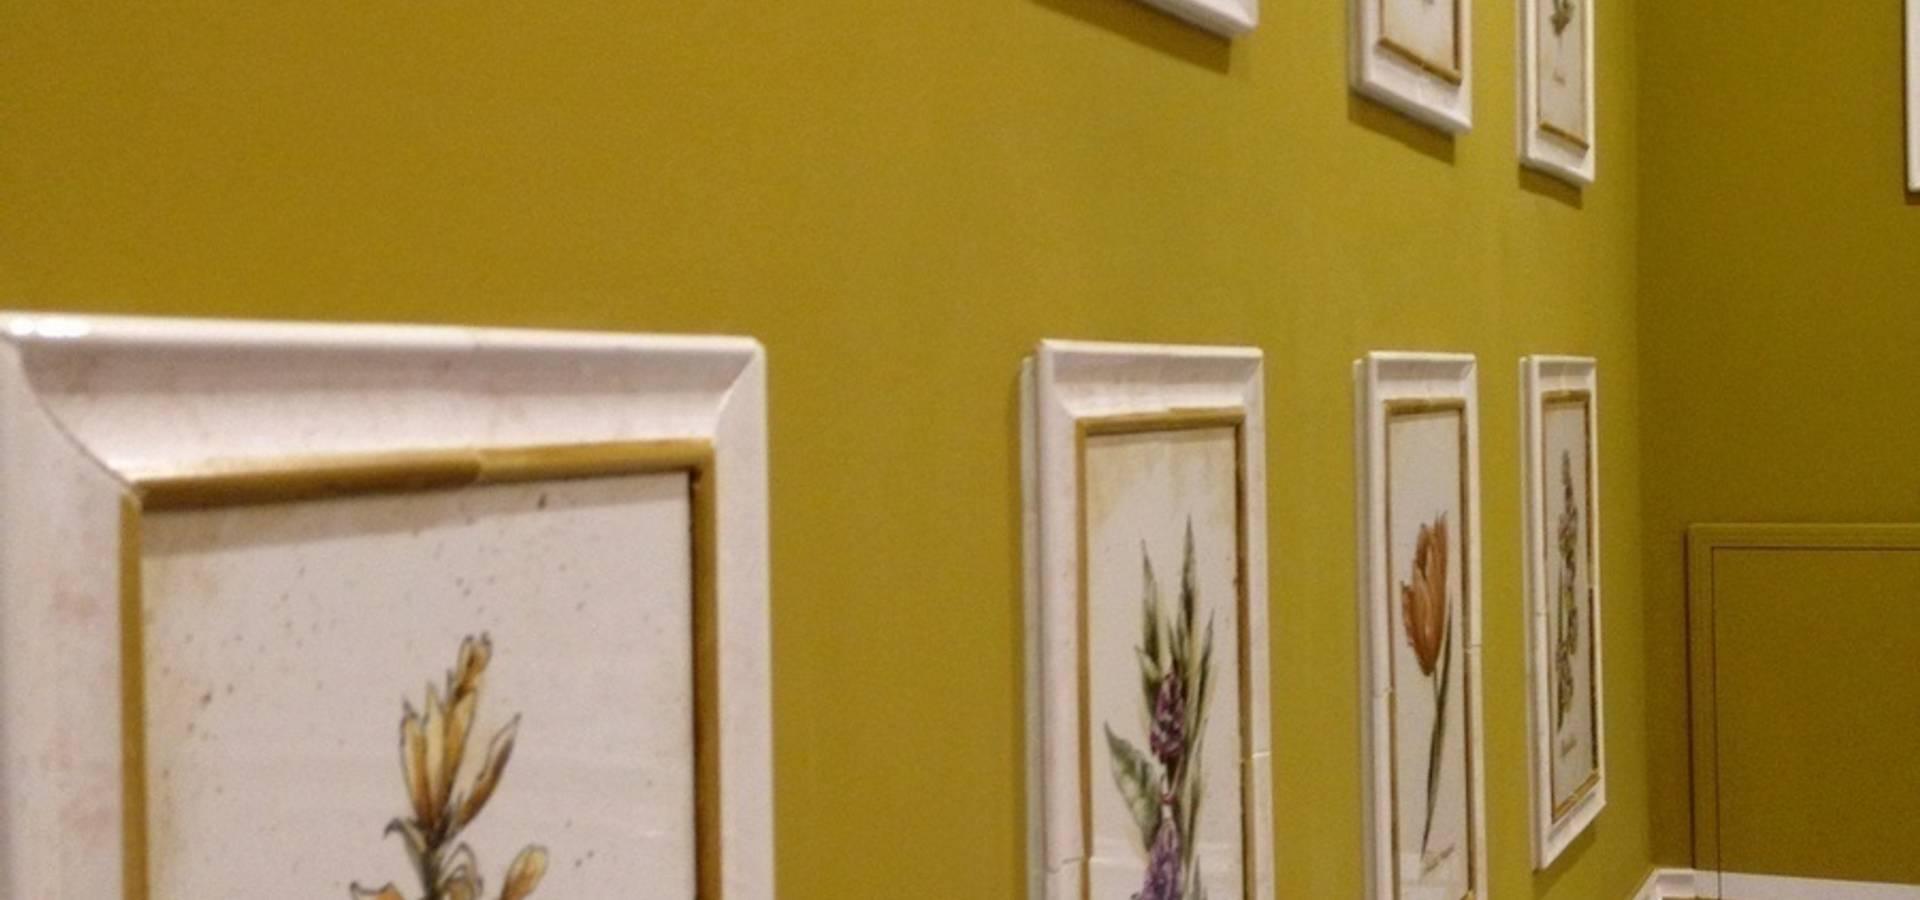 Мастерская росписи по фарфору и керамической плитке АртФлёра